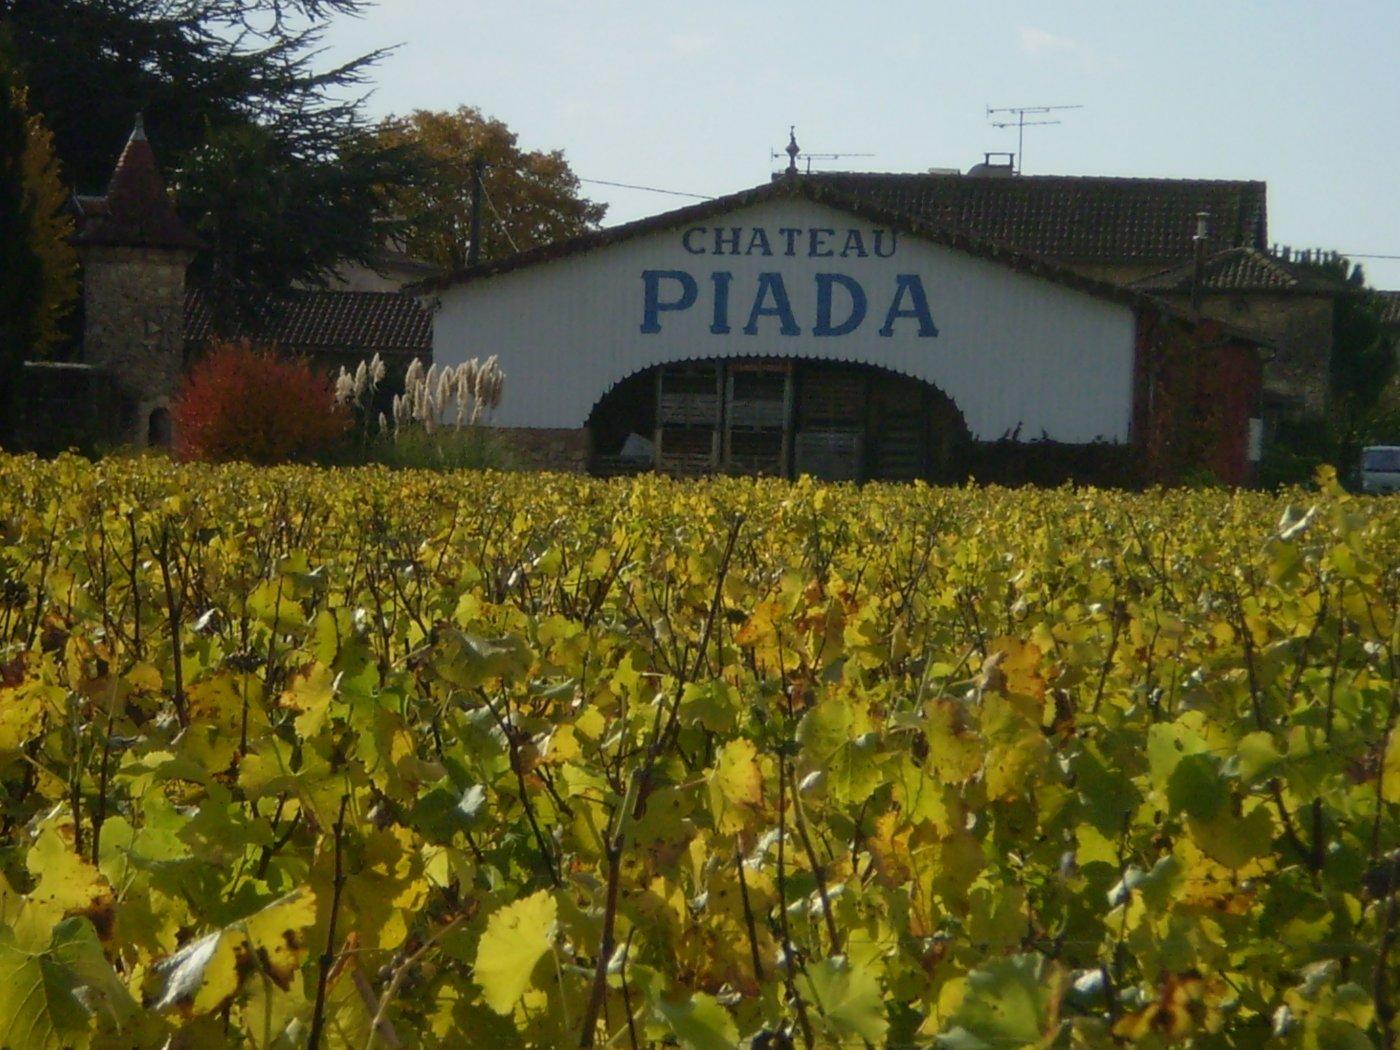 chateau-piada-un-domaine-travaille-appellation-cerons-graves-et-sauternes